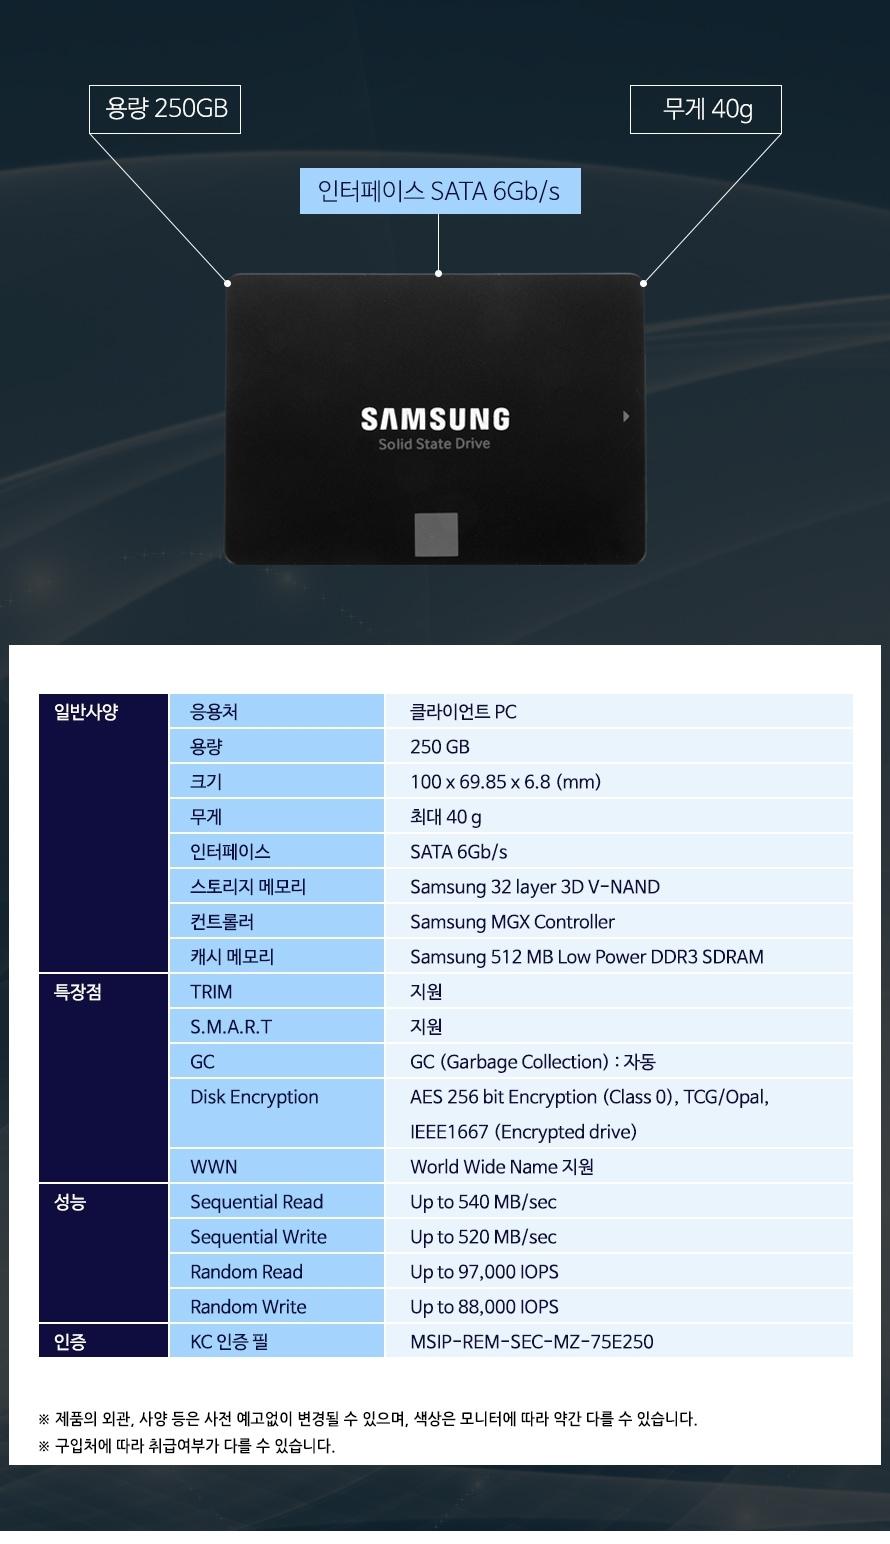 용량 250GB무게 40g인터페이스 SATA 6Gb/s응용처클라이언트 PC용량250 GB크기100 x 69.85 x 6.8 (mm)무게최대 40 g인터페이스SATA 6Gb/s스토리지 메모리Samsung 32 layer 3D V-NAND 컨트롤러Samsung MGX Controller캐시 메모리Samsung 512 MB Low Power DDR3 SDRAMTRIM 지원 S.M.A.R.T지원GC GC (Garbage Collection) : 자동  Disk EncryptionAES 256 bit Encryption (Class 0), TCG/Opal, IEEE1667 (Encrypted drive)WWNWorld Wide Name 지원Sequential ReadUp to 540 MB/secSequential Write Up to 520 MB/secRandom ReadUp to 97,000 IOPSRandom WriteUp to 88,000 IOPS KC 인증 필MSIP-REM-SEC-MZ-75E250제품의 외관, 사양 등은 사전 예고없이 변경될 수 있으며, 색상은 모니터에 따라 약간 다를 수 있습니다.구입처에 따라 취급여부가 다를 수 있습니다.